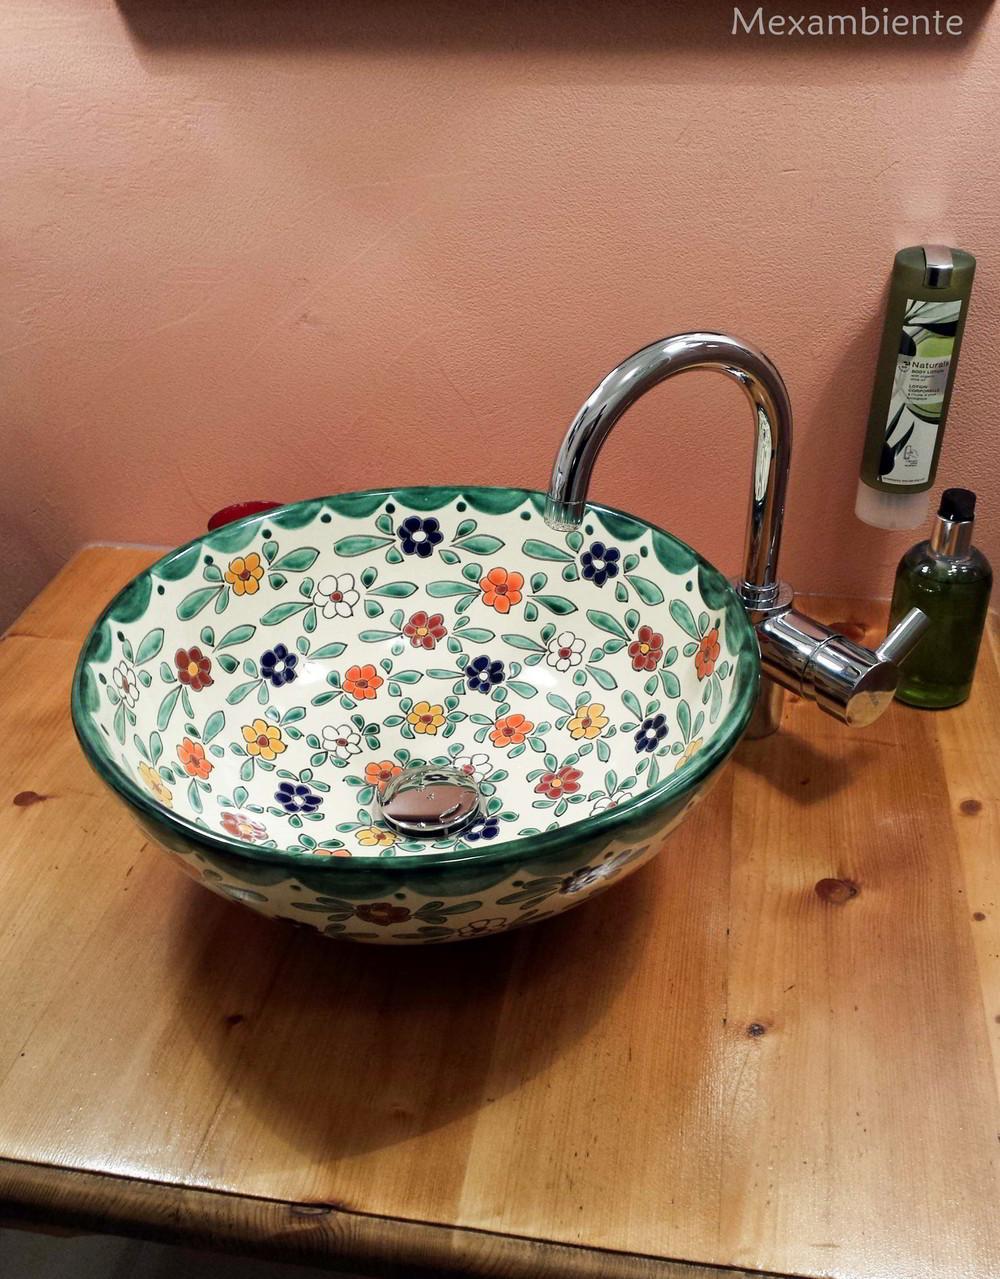 Landhausstil Aufsatzwaschbecken rund florales Muster von Mexambiente